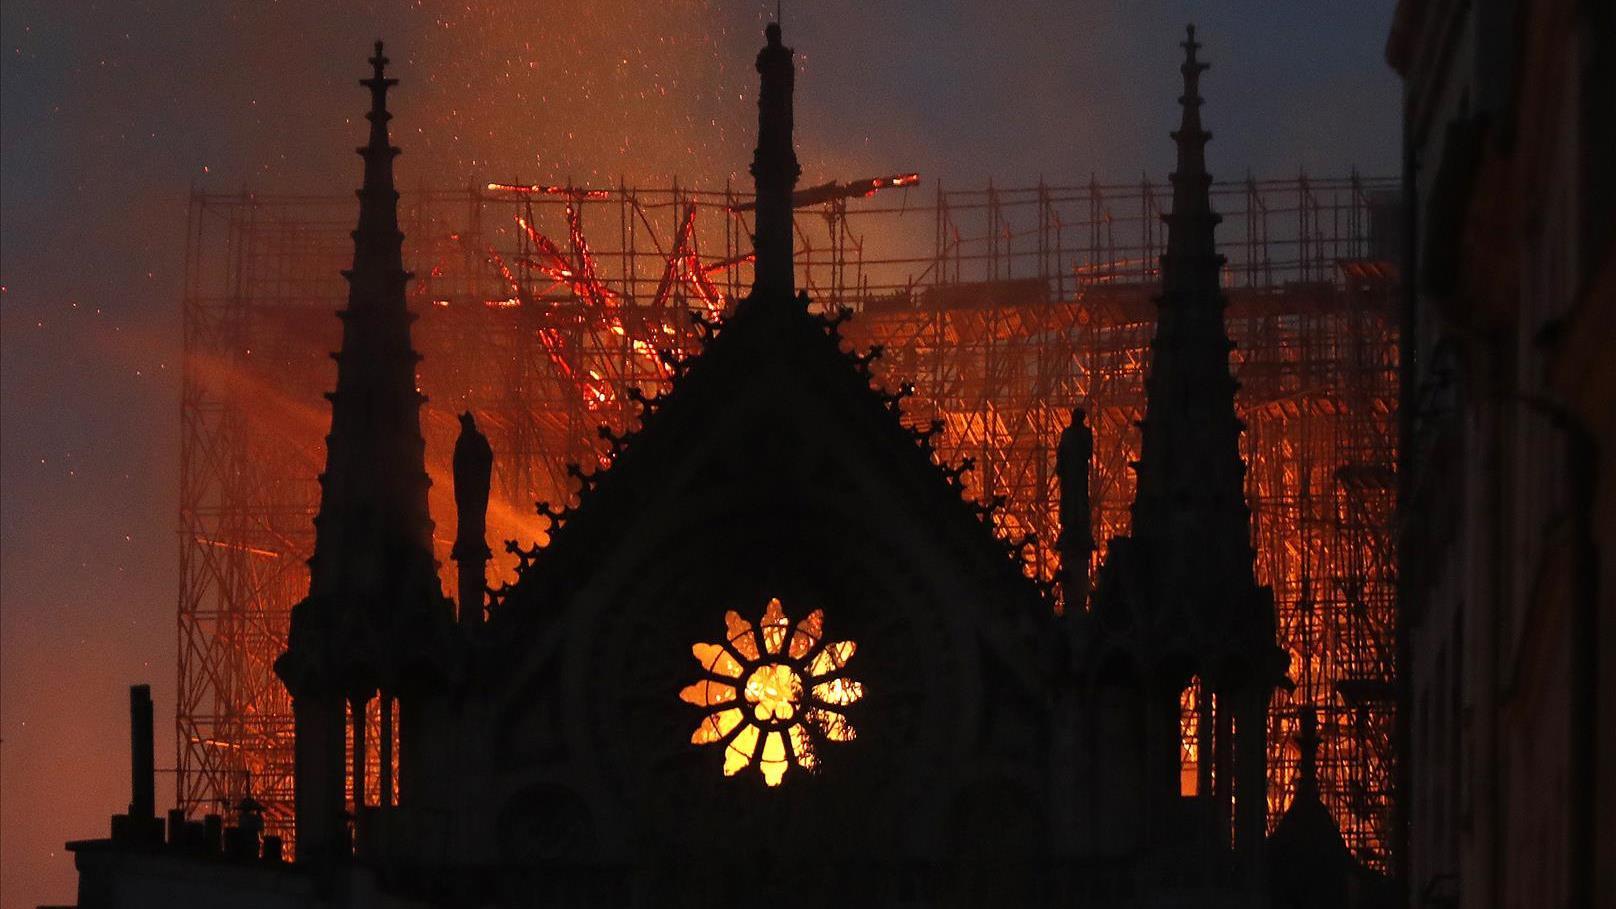 כנסיית נוטרדאם נשרפת